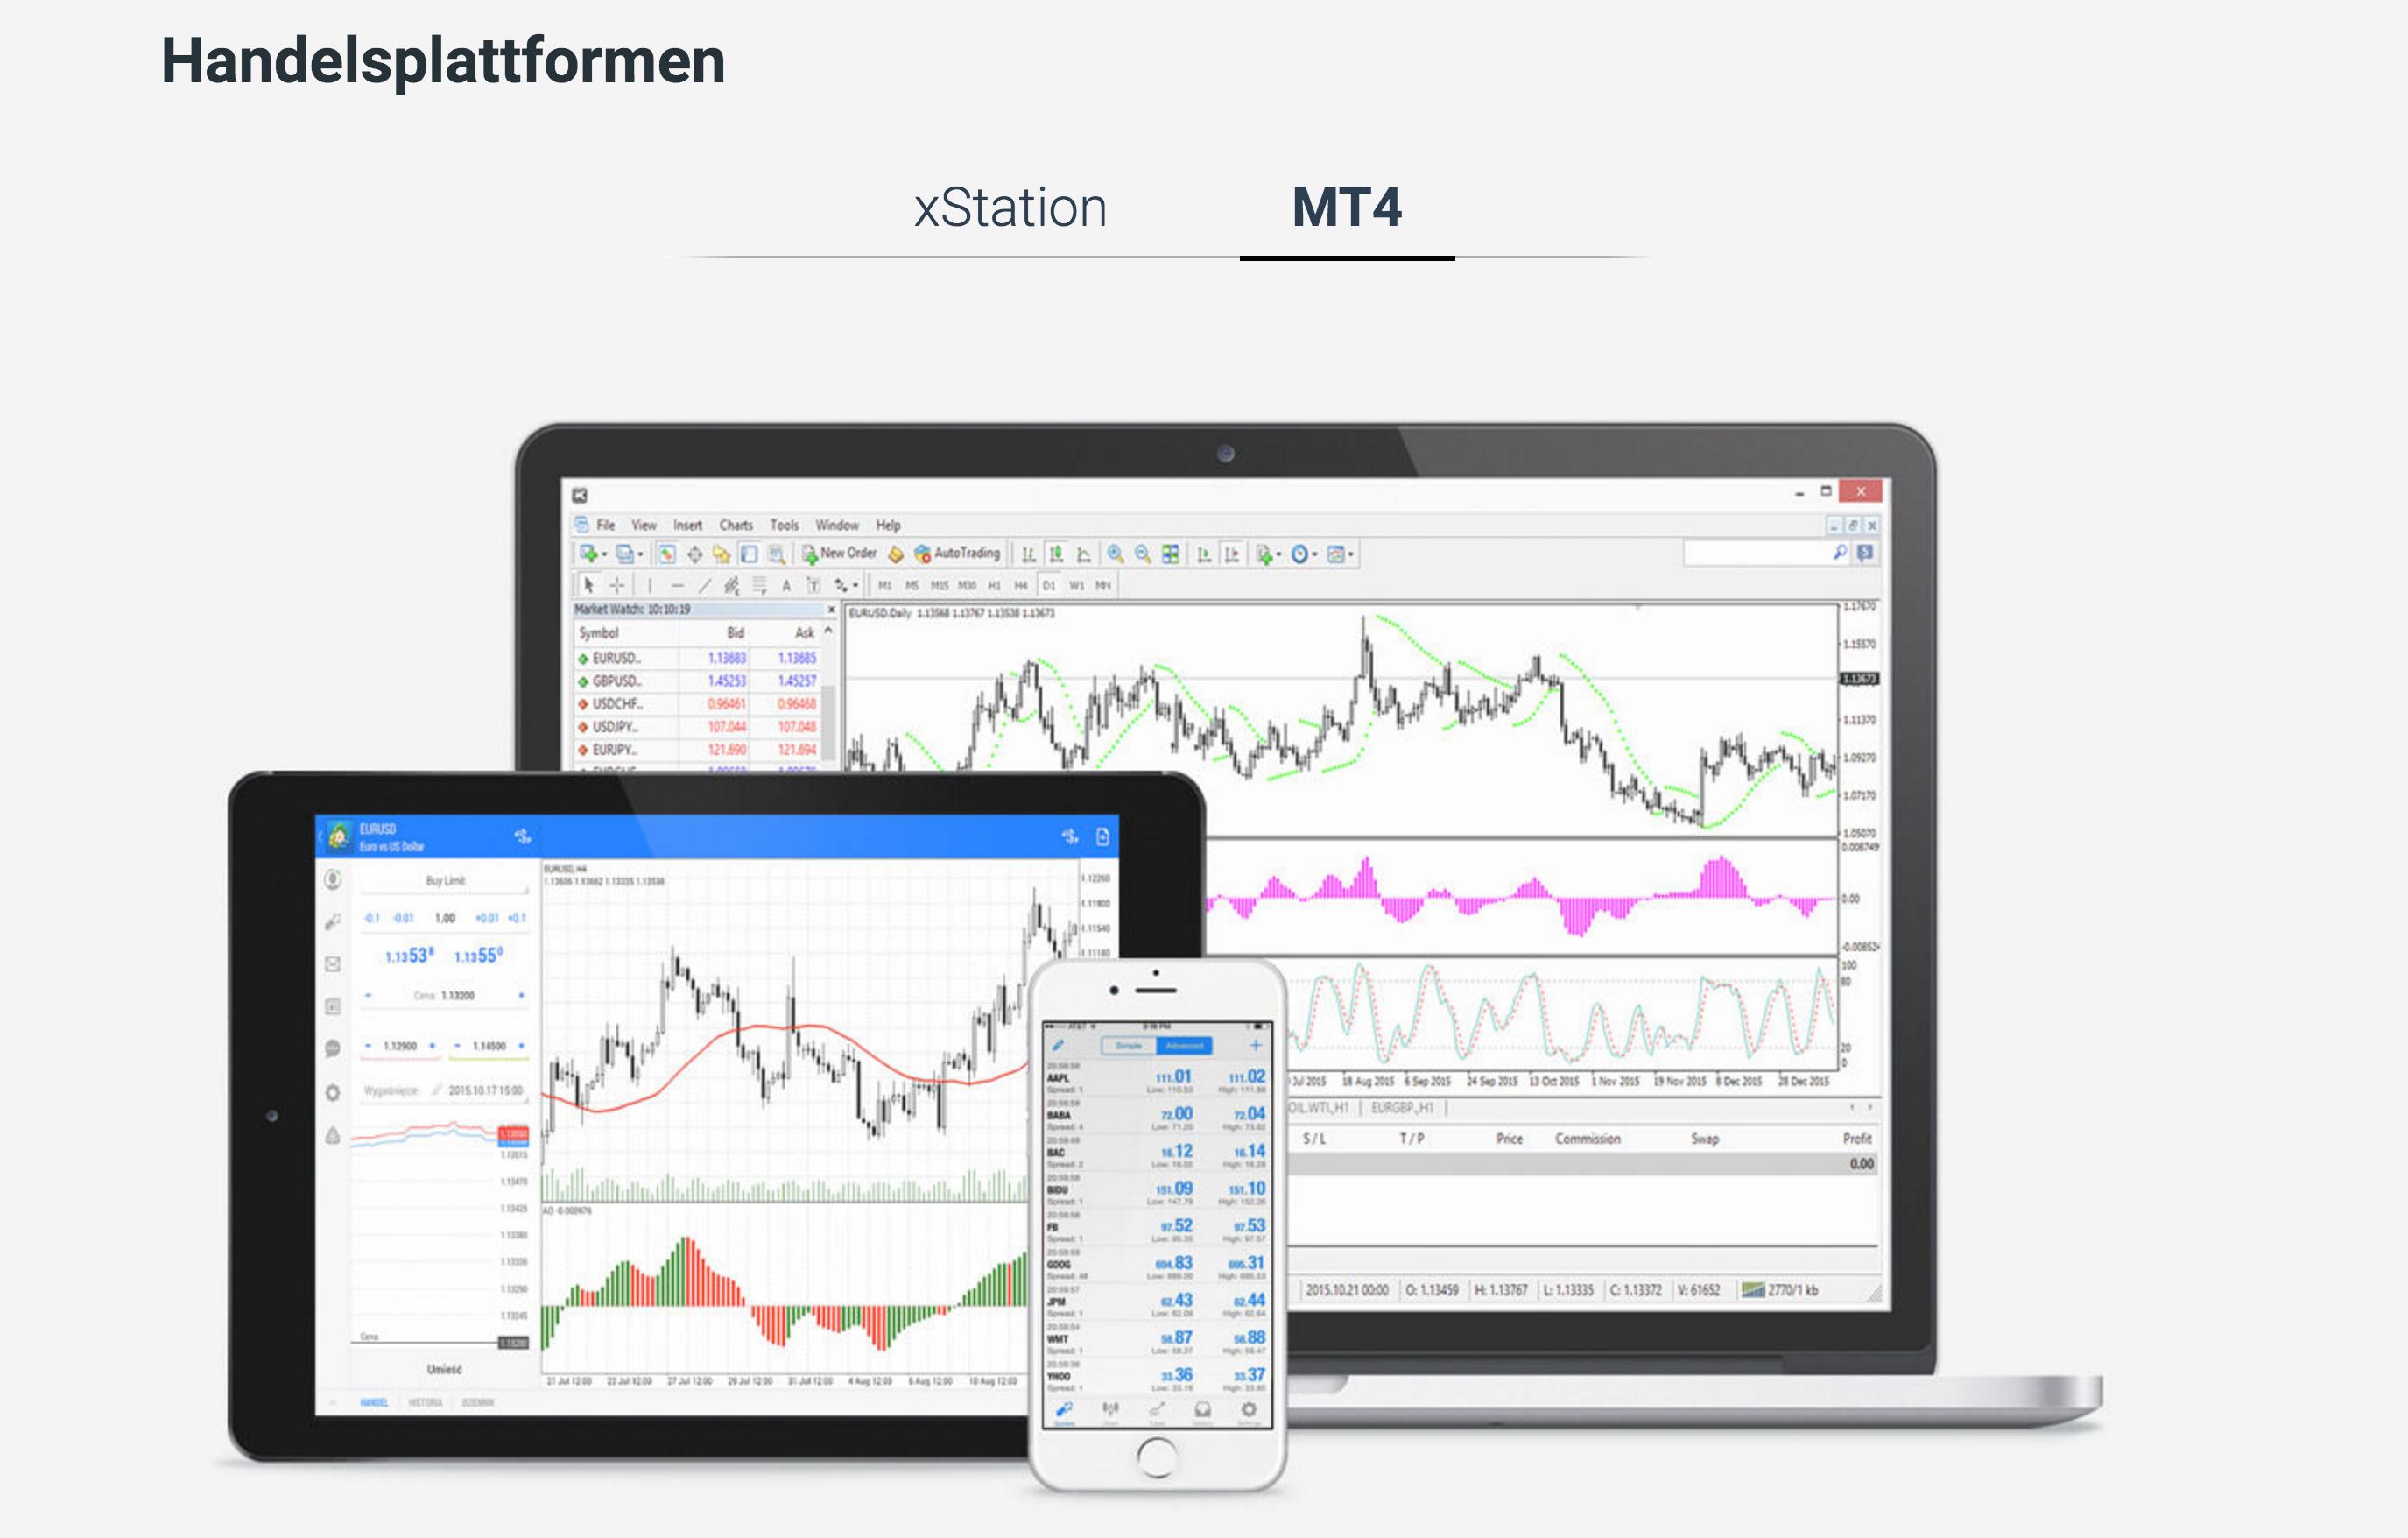 XTB Handelsplattformen MT4 Trading App